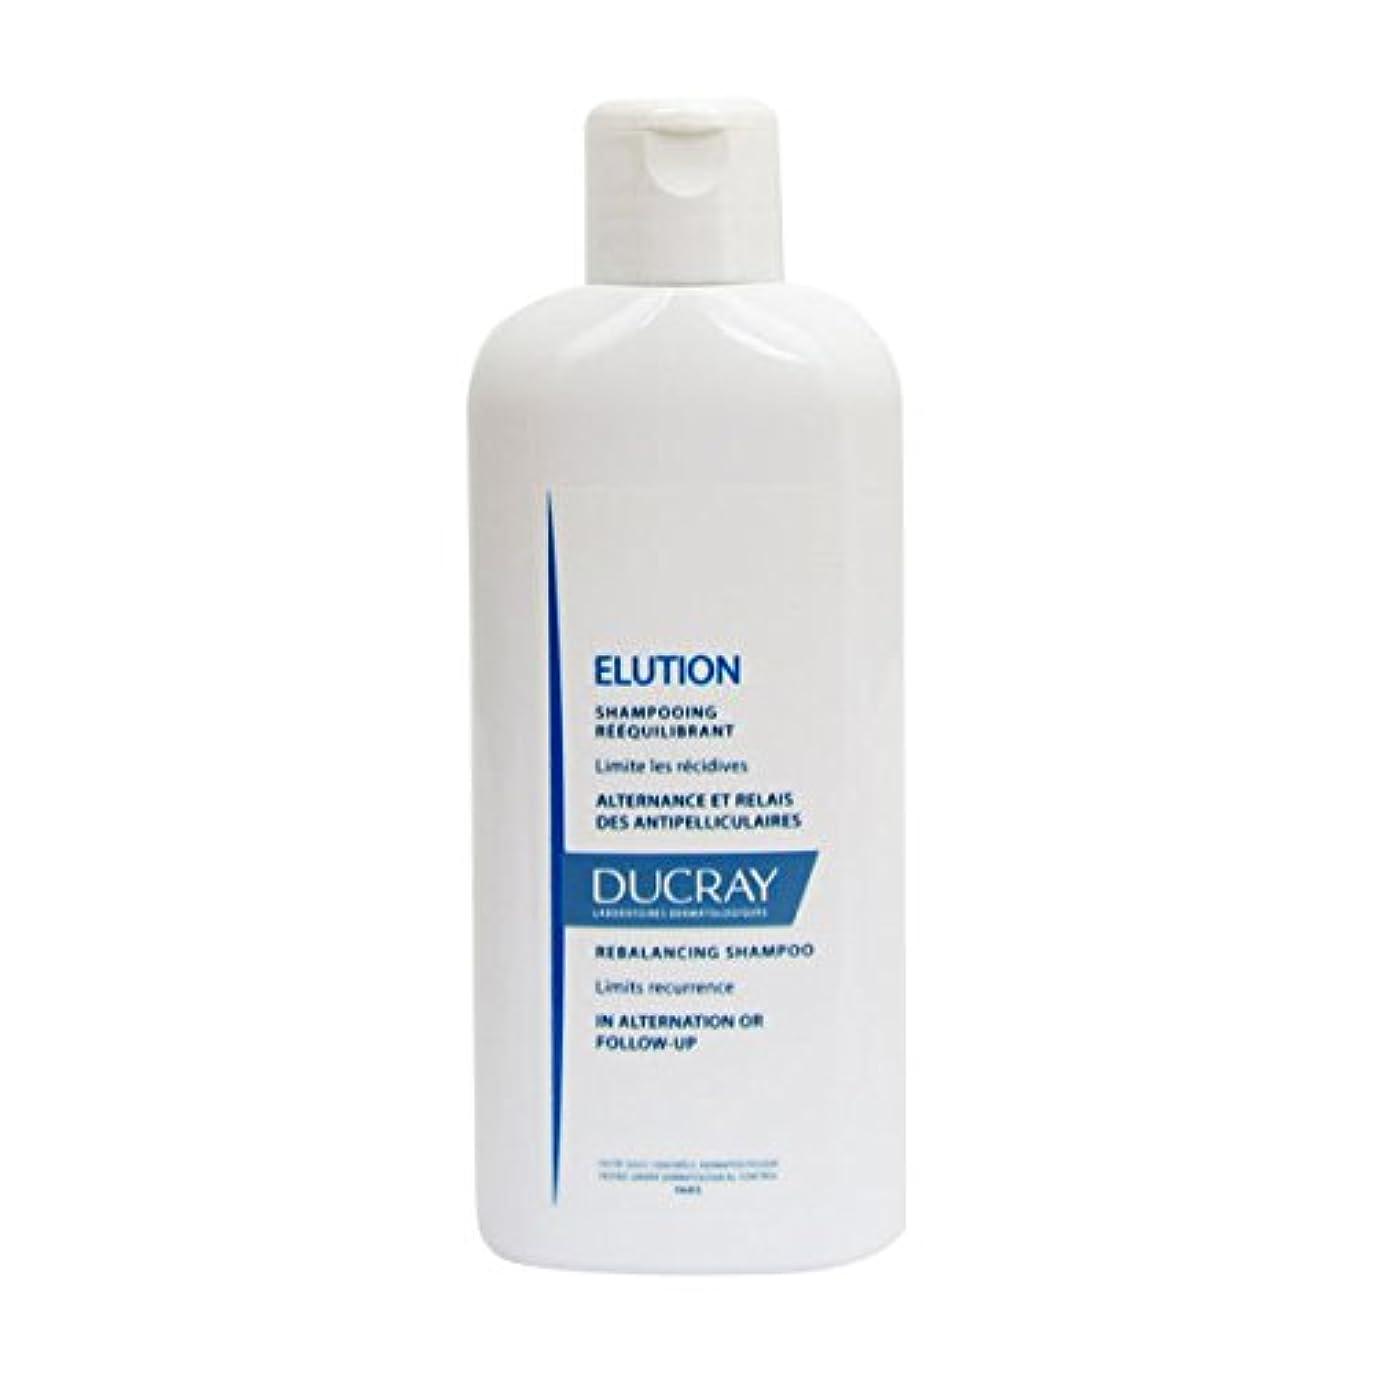 トピック警告するライムDucray Elution Shampoo 200ml [並行輸入品]